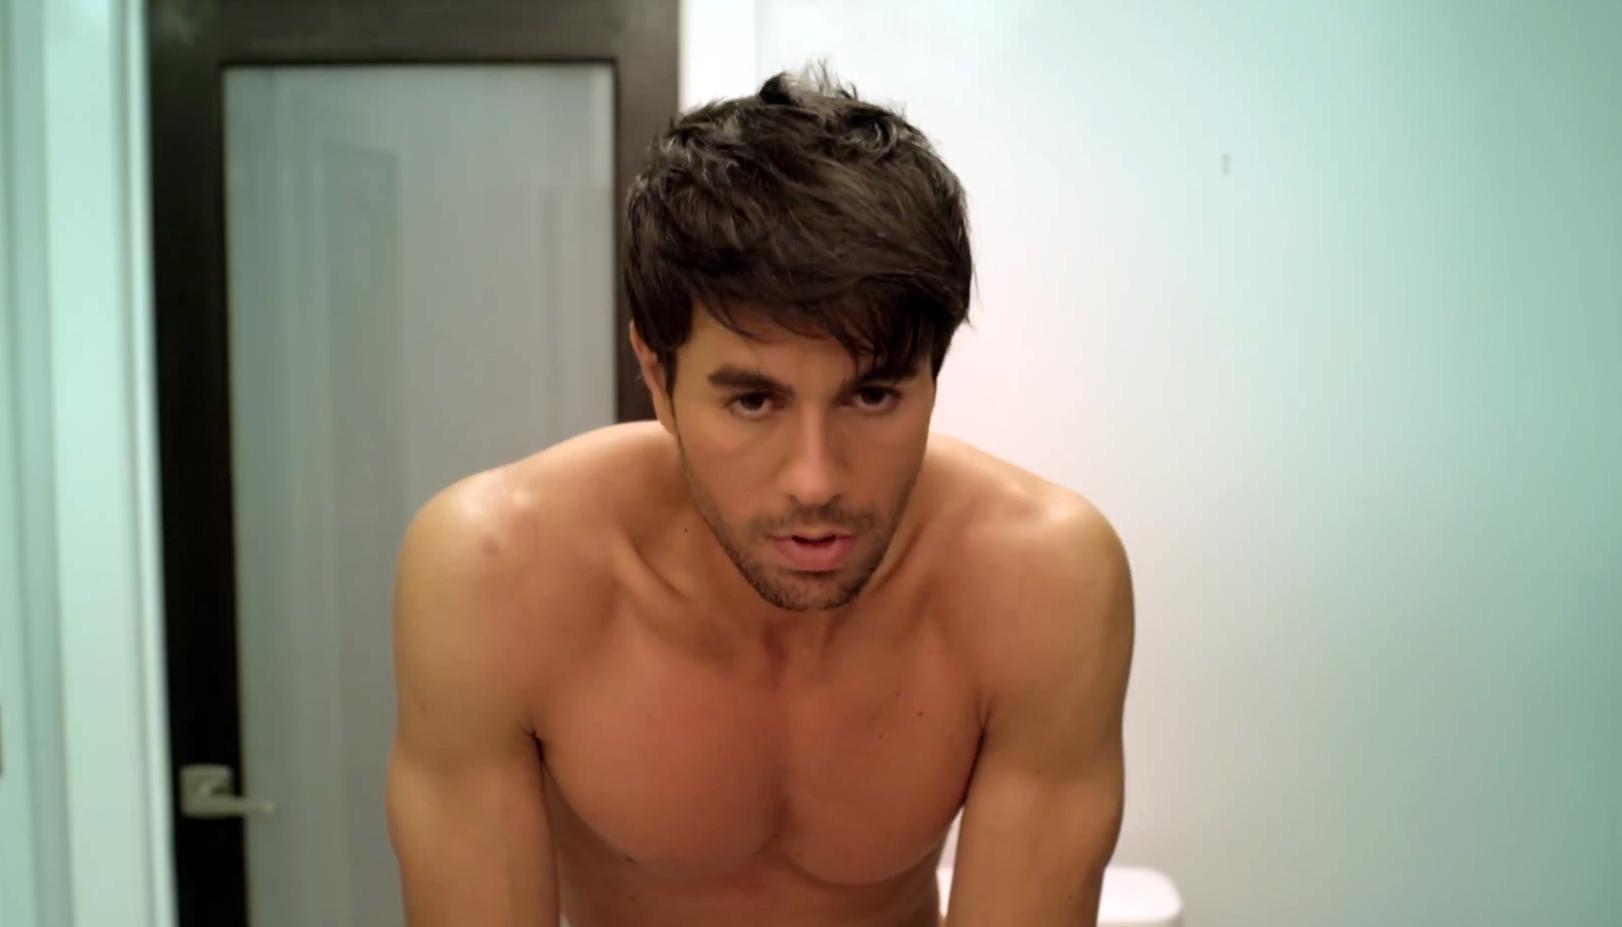 SHIRTLESS SINGERS : Enrique Iglesias Shirtless Hot